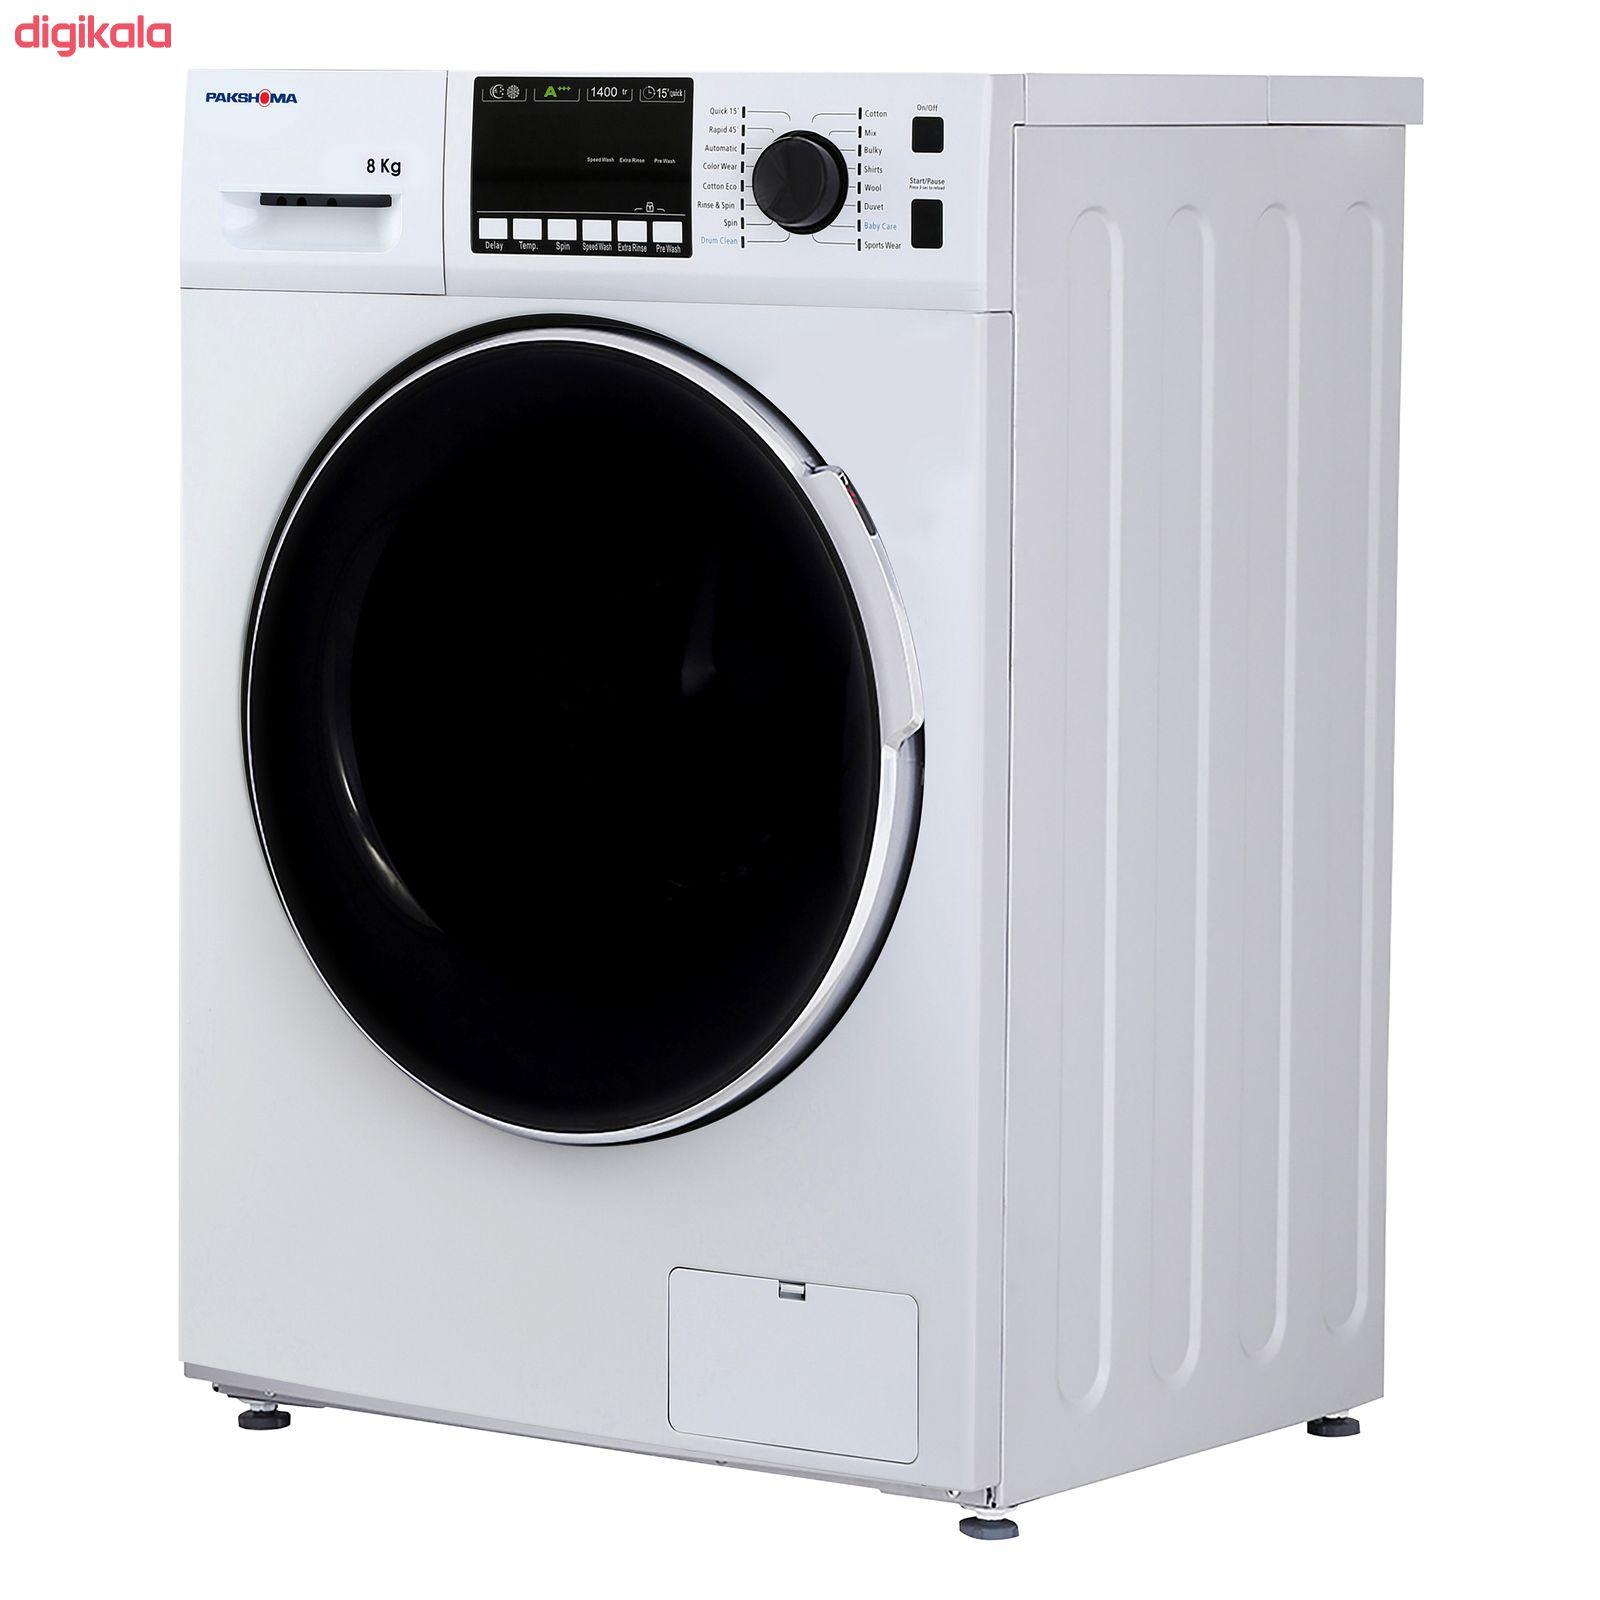 ماشین لباسشویی پاکشوما مدل TFU-84401 ظرفیت 8 کیلوگرم main 1 2